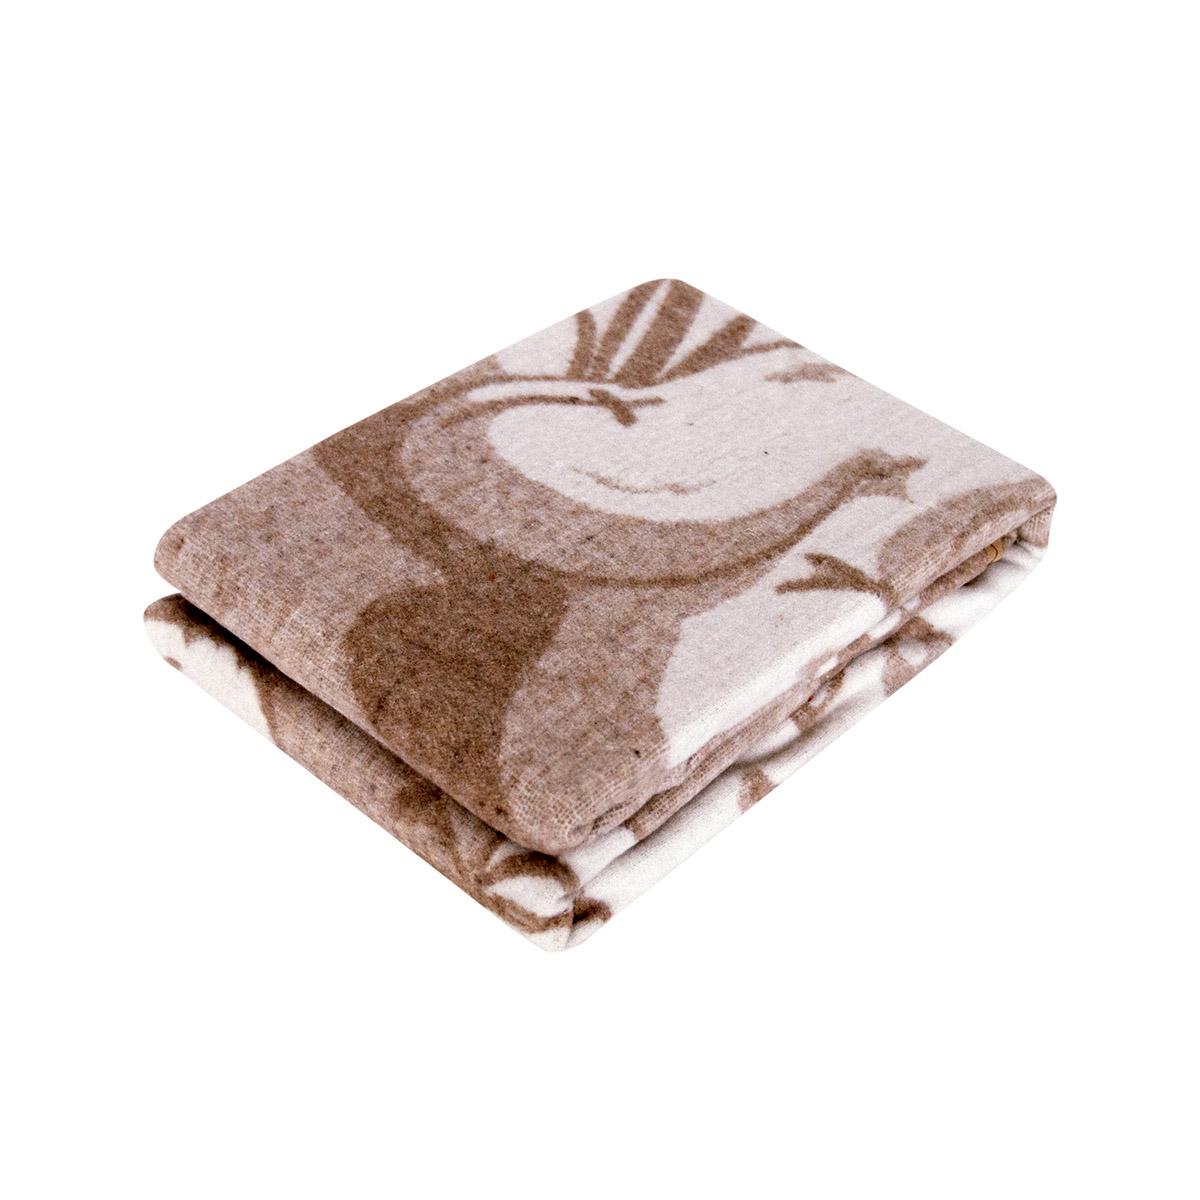 Одеяло Споки Ноки байковое 100% хлопок 100х140 жаккардовое Медвежонок (бежевый, розовый)<br>